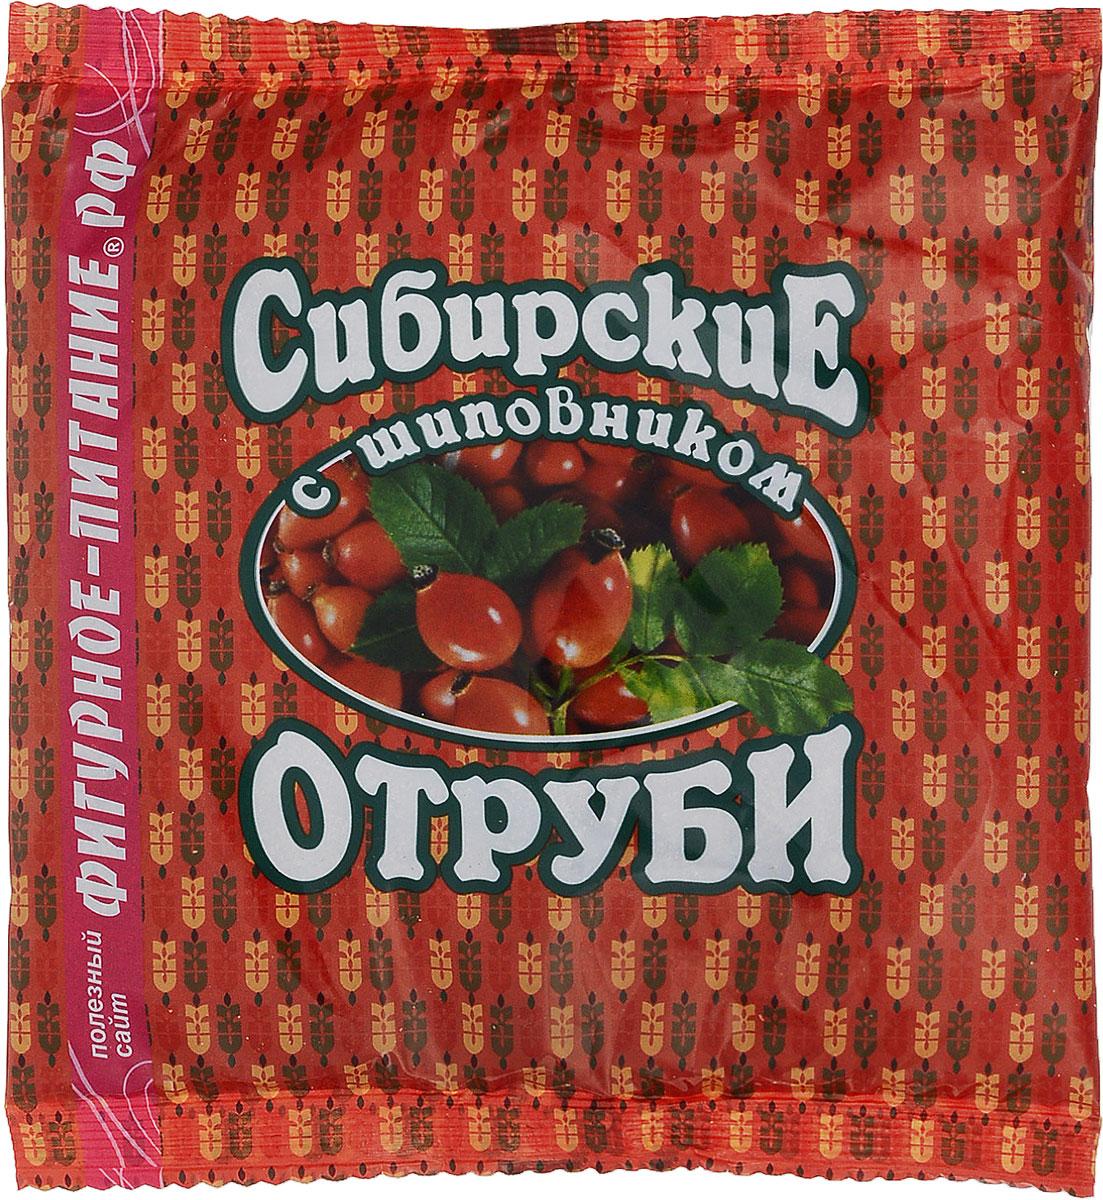 Сибирские отруби пшеничные с шиповником, 200 г